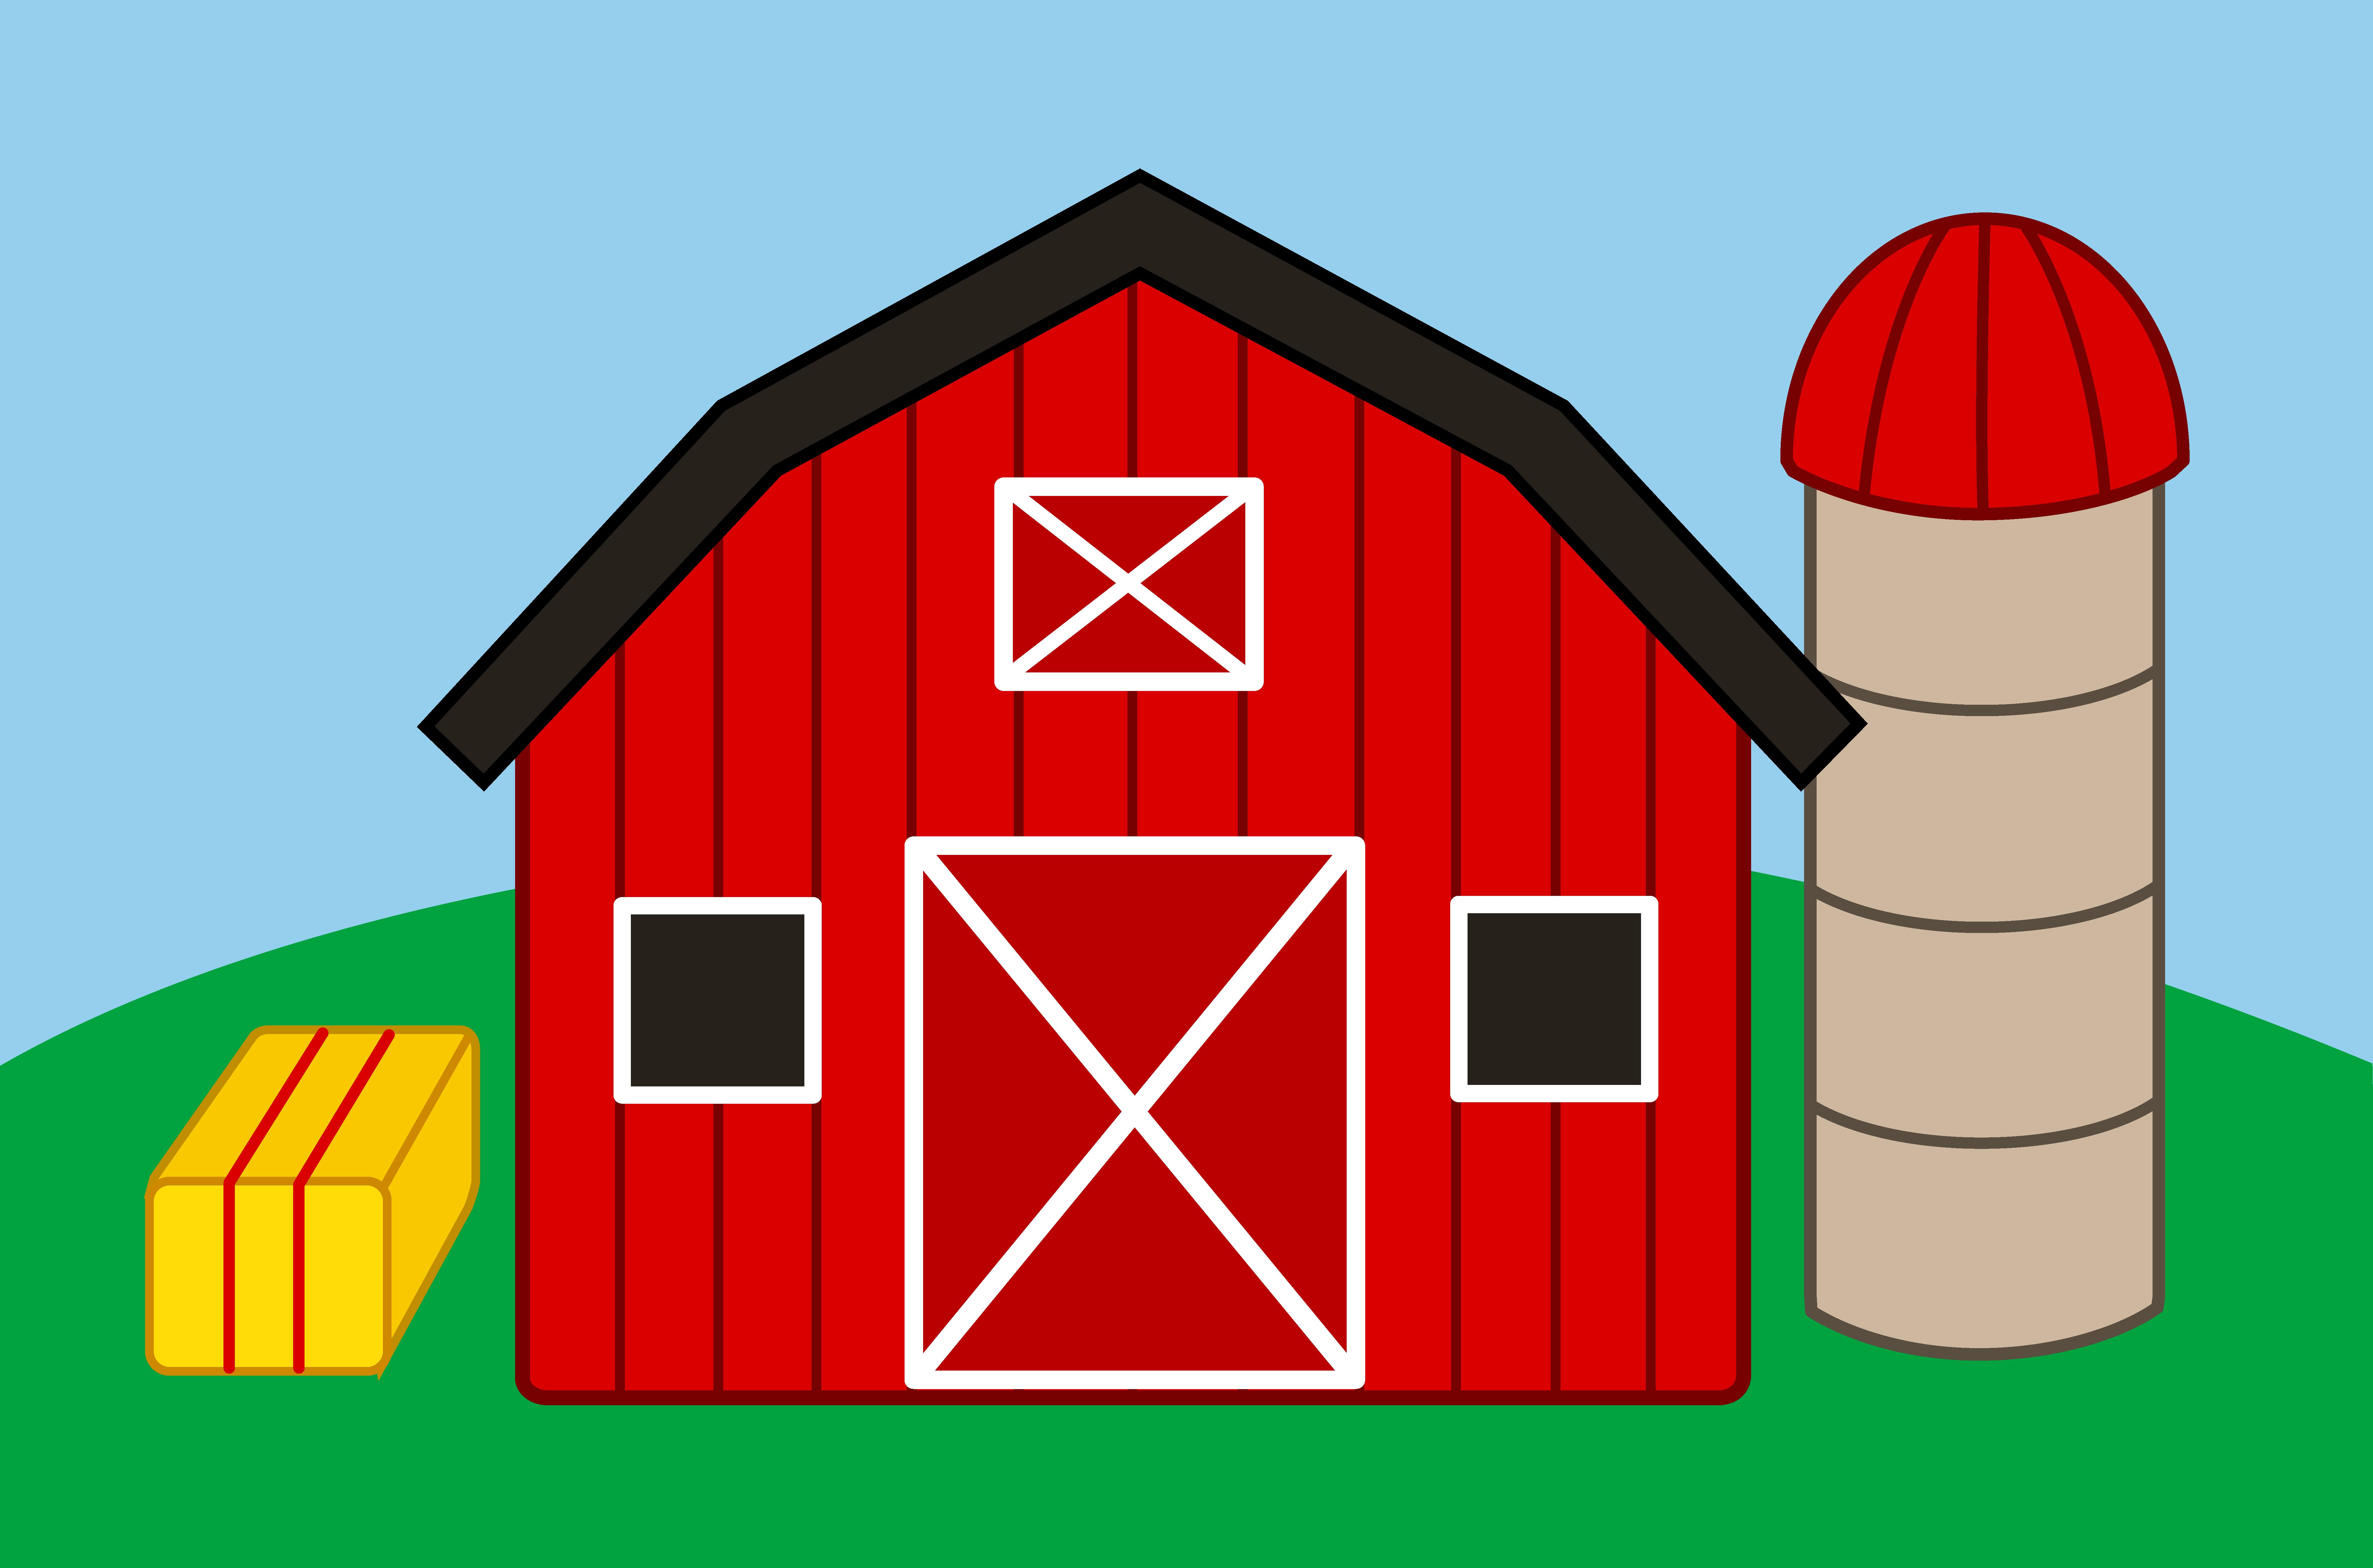 Farm House Cartoon Clipart #1-Farm House Cartoon Clipart #1-1